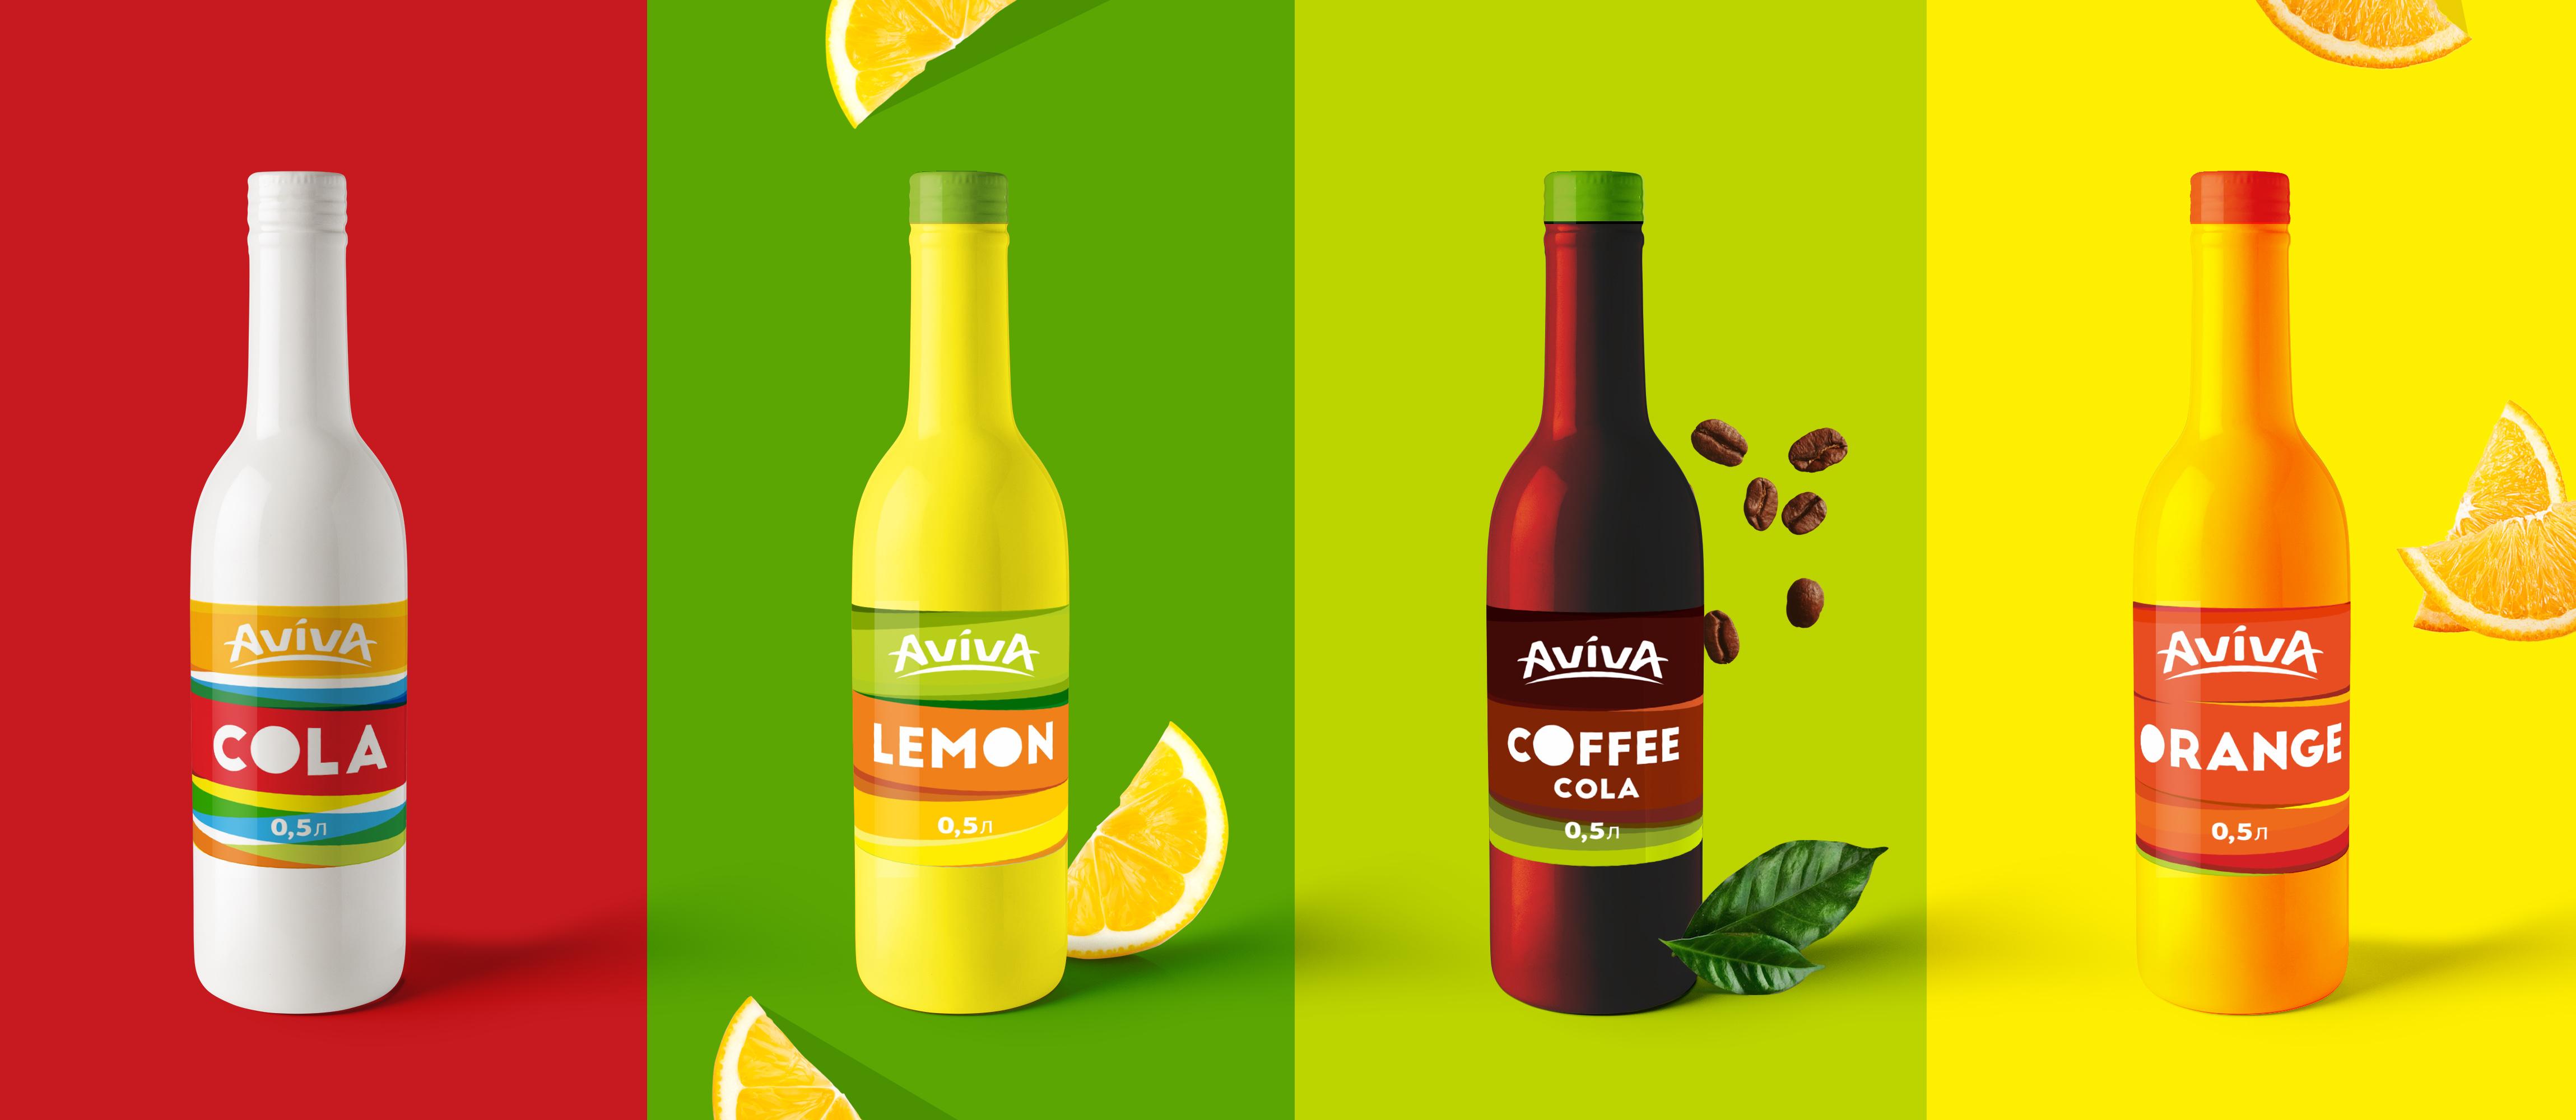 Дизайн этикетки для сладкой газированной воды, Label design for sweet soda